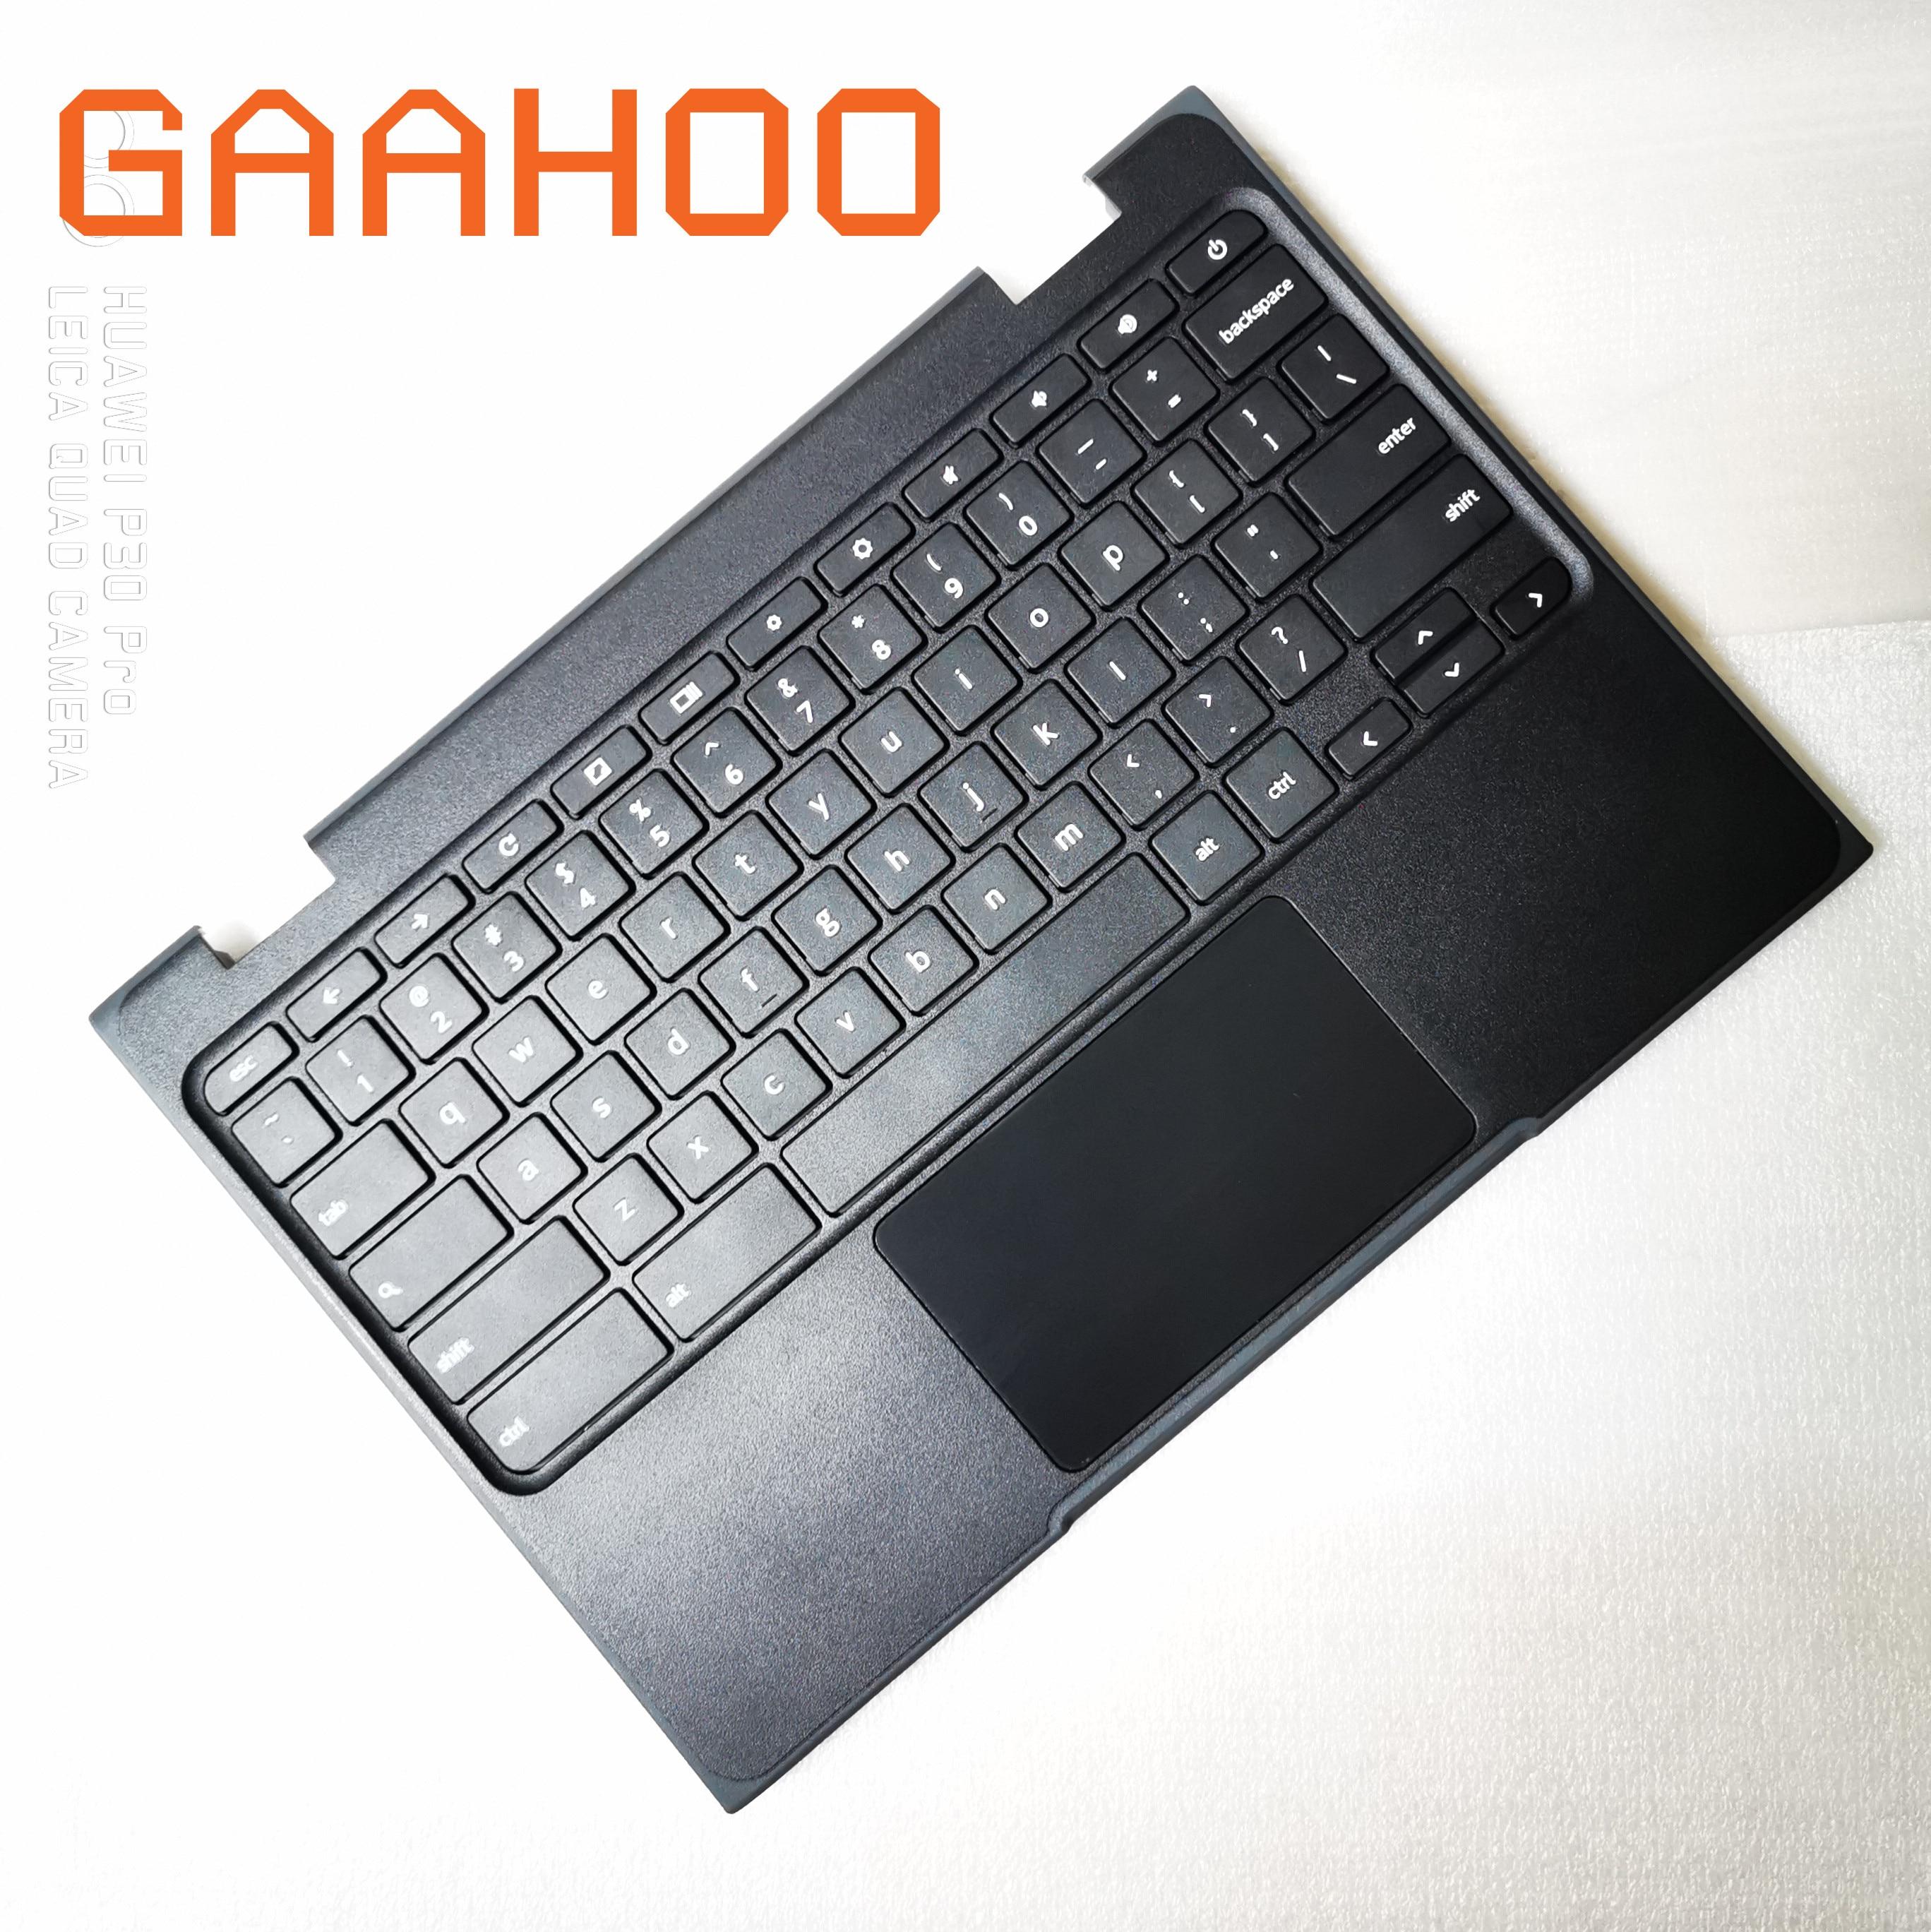 Tout nouveau clavier original des états-unis pour LENOVO CHROMEBOOK N24 100E ordinateur portable ensemble palmrest/w touchpad et clavier US noir